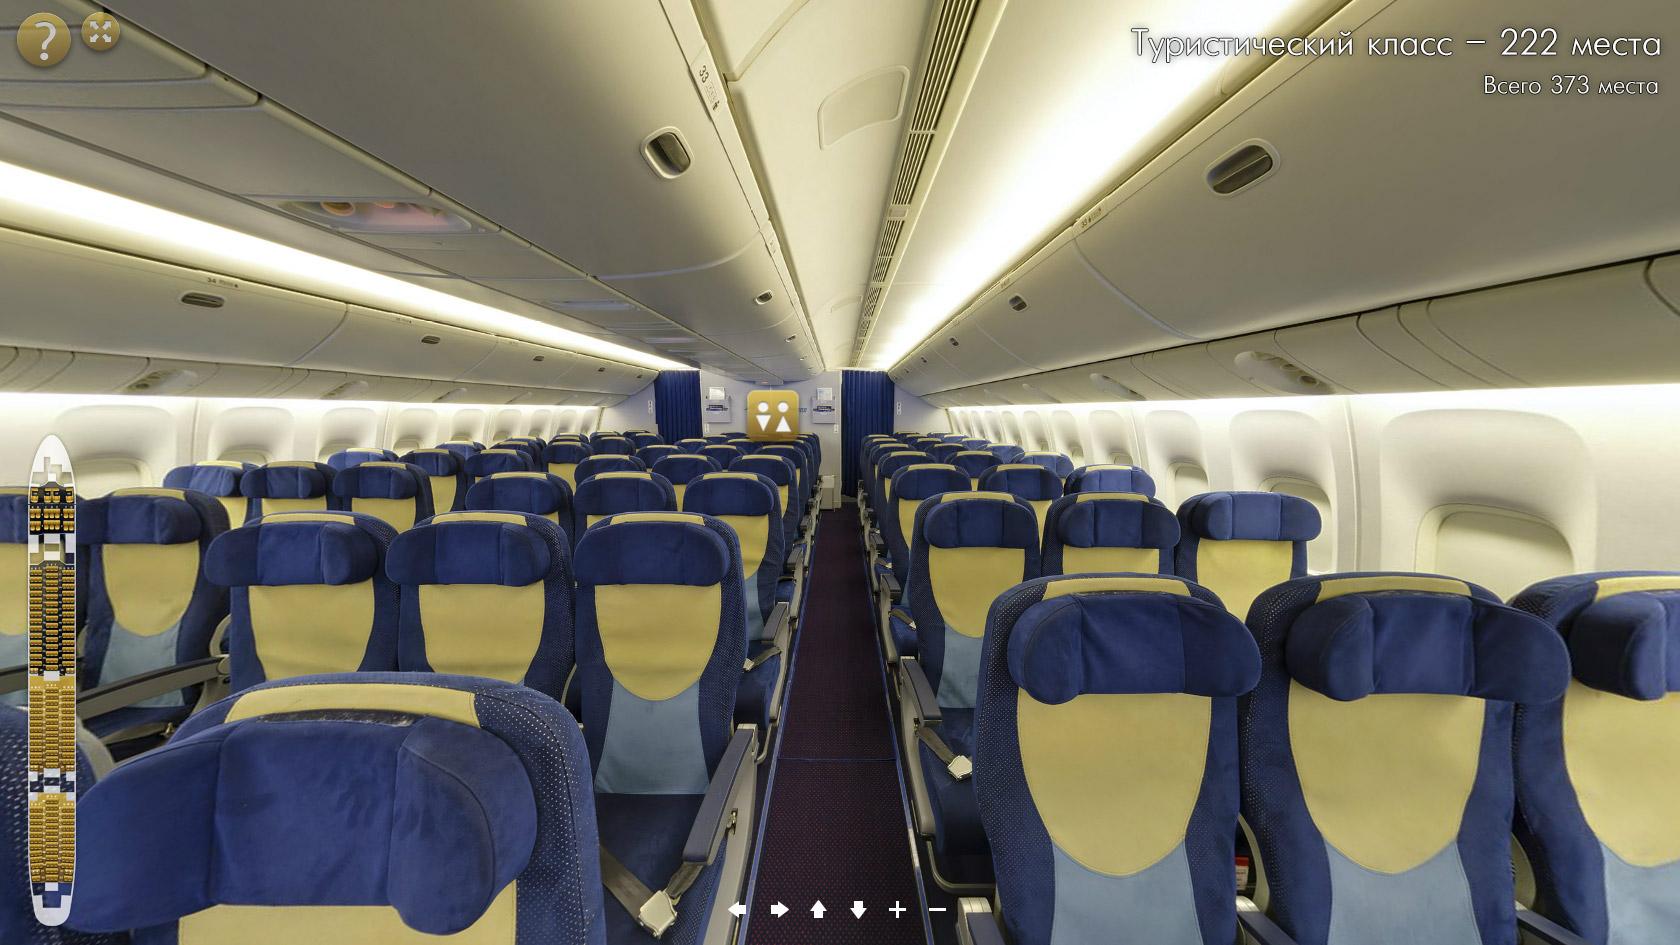 Без сомнения, это самый большой класс в самолёте.  Тут расположено 222 места.  Здесь также имеются мониторы...